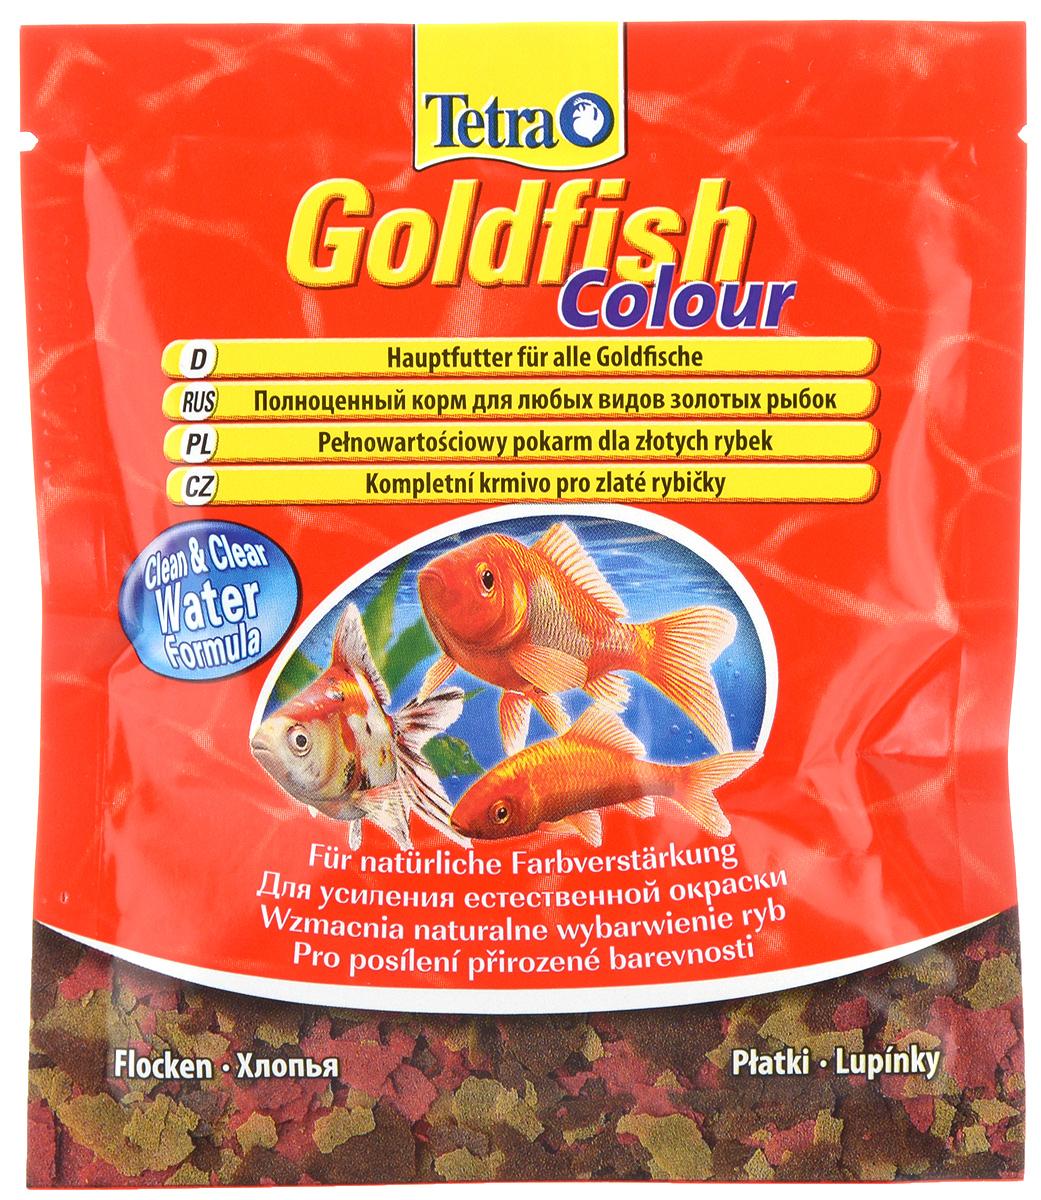 Корм Tetra Goldfish. Colour для улучшения окраса всех видов золотых рыб, хлопья, 12 г183704Корм Tetra Goldfish. Colour - высококачественный сбалансированный питательный корм для любых видов золотых рыбок. Особенности Tetra Goldfish. Colour: обогащен каротиноидами для усиления естественной окраски, с формулой Clean & Clear Water для чистой и прозрачной воды и запатентованной формулой BioActive - для продолжительной и здоровой жизни ваших питомцев. Рекомендации по кормлению: кормить несколько раз в день маленькими порциями. Состав: рыба и побочные рыбные продукты, зерновые культуры, дрожжи, экстракты растительного белка, моллюски и раки, масла и жиры, водоросли, сахар. Пищевая ценность: сырой белок - 43%, сырые масла и жиры - 11%, сырая клетчатка - 2%, влага - 6%. Добавки: витамины, провитамины и химические вещества с аналогичным воздействием: витамин А 29360 МЕ/кг, витамин Д3 1830 МЕ/кг. Комбинации элементов: Е5 Марганец 29 мг/кг, Е6 Цинк 17 мг/кг, Е1 Железо 11 мг/кг, Е3 Кобальт 0,2 мг/кг....